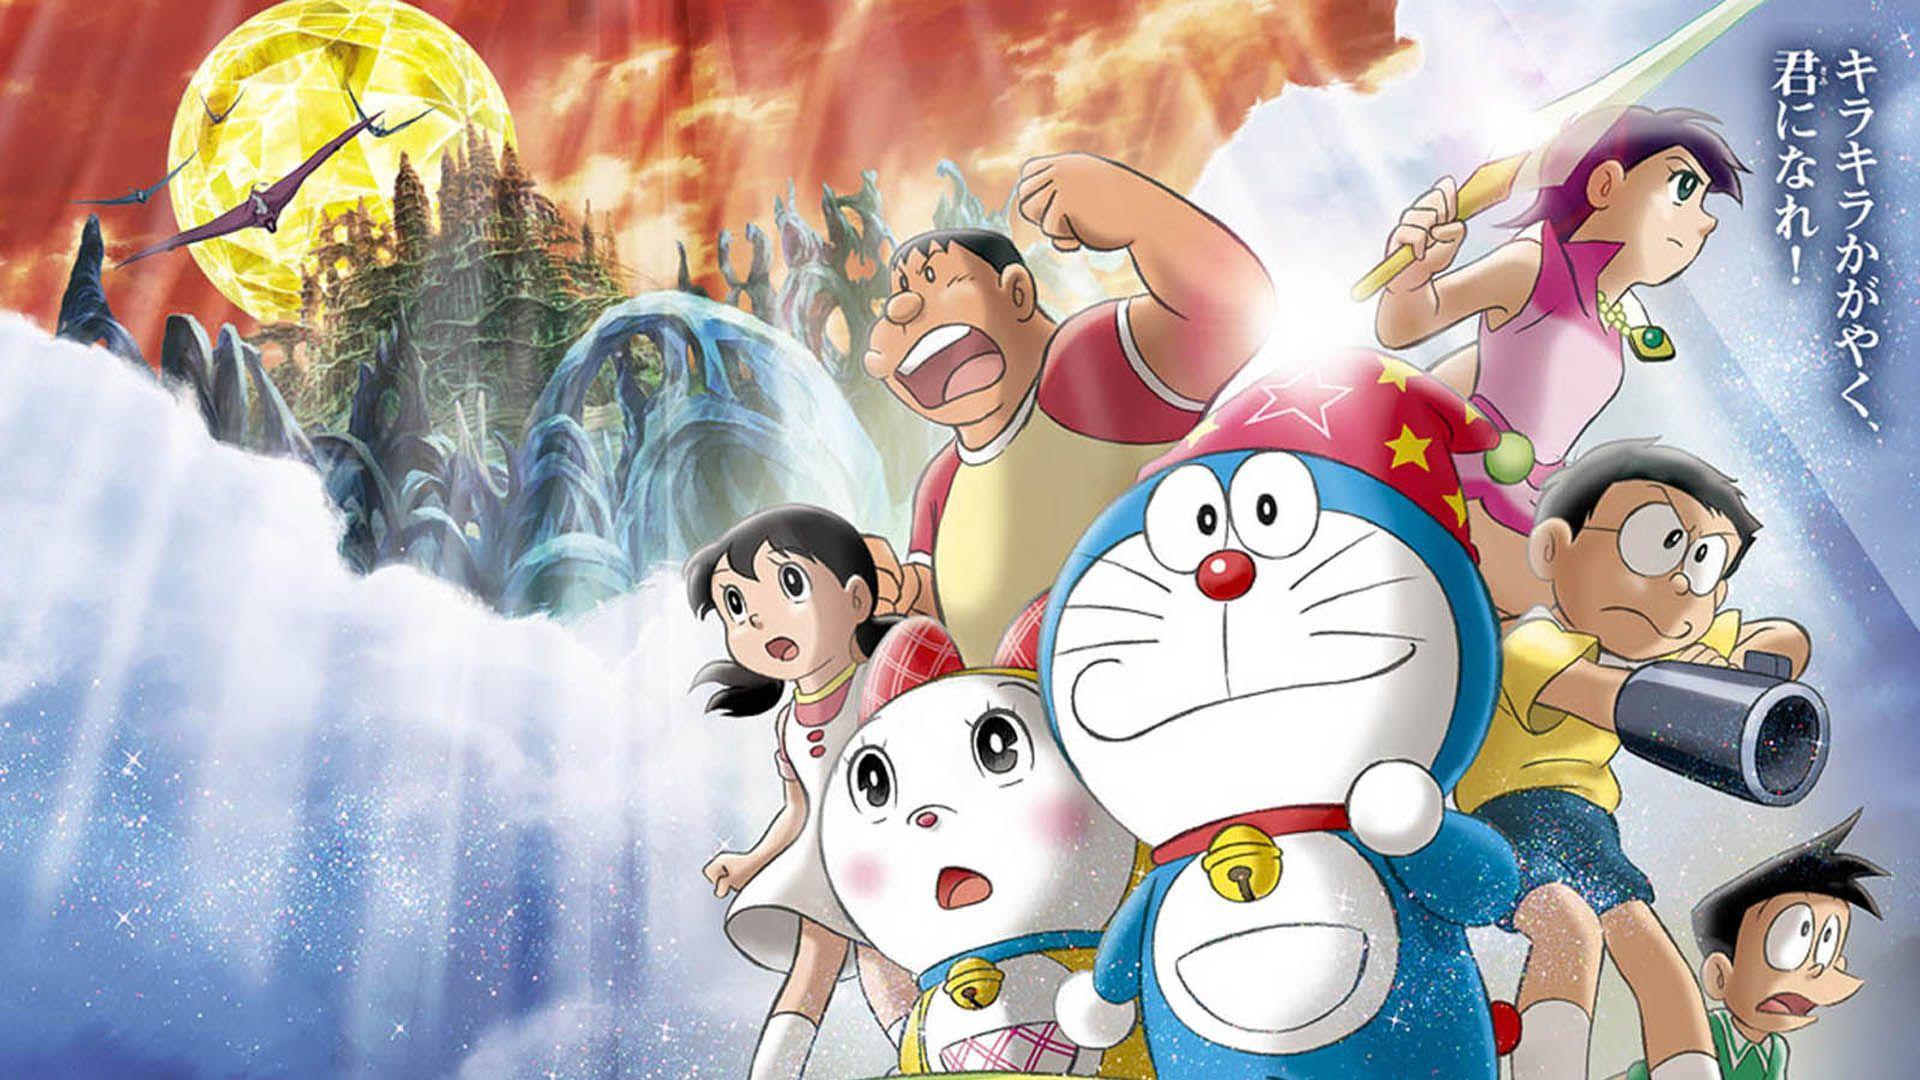 1920x1080 Hình nền Doraemon - Tải xuống Hình nền HD Doraemon - 1920x1080